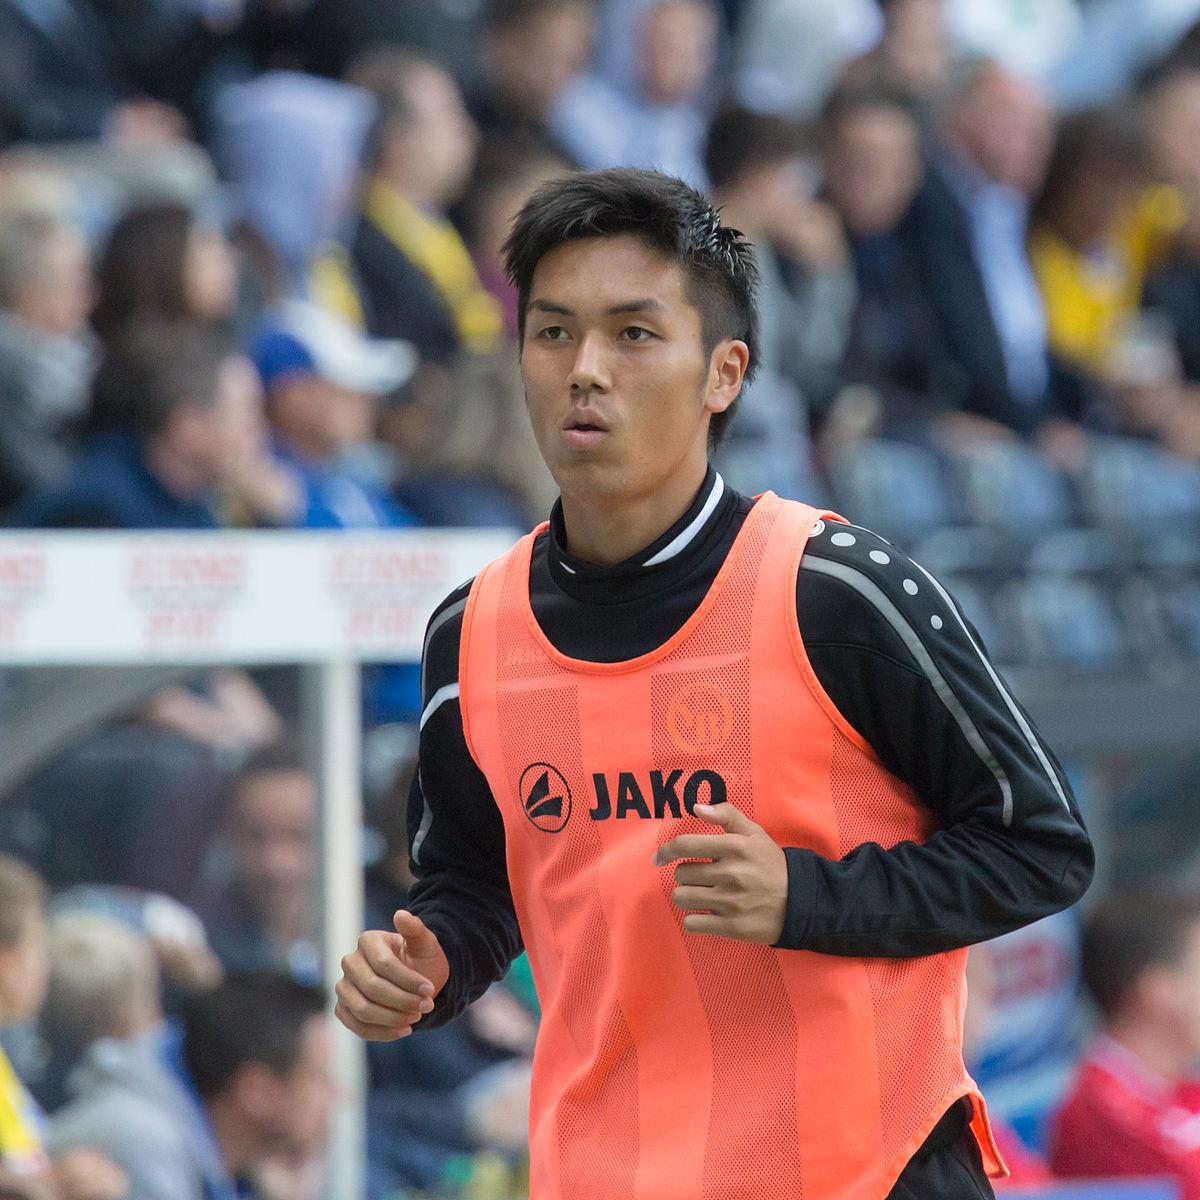 久保裕也 (サッカー選手)の画像 p1_39